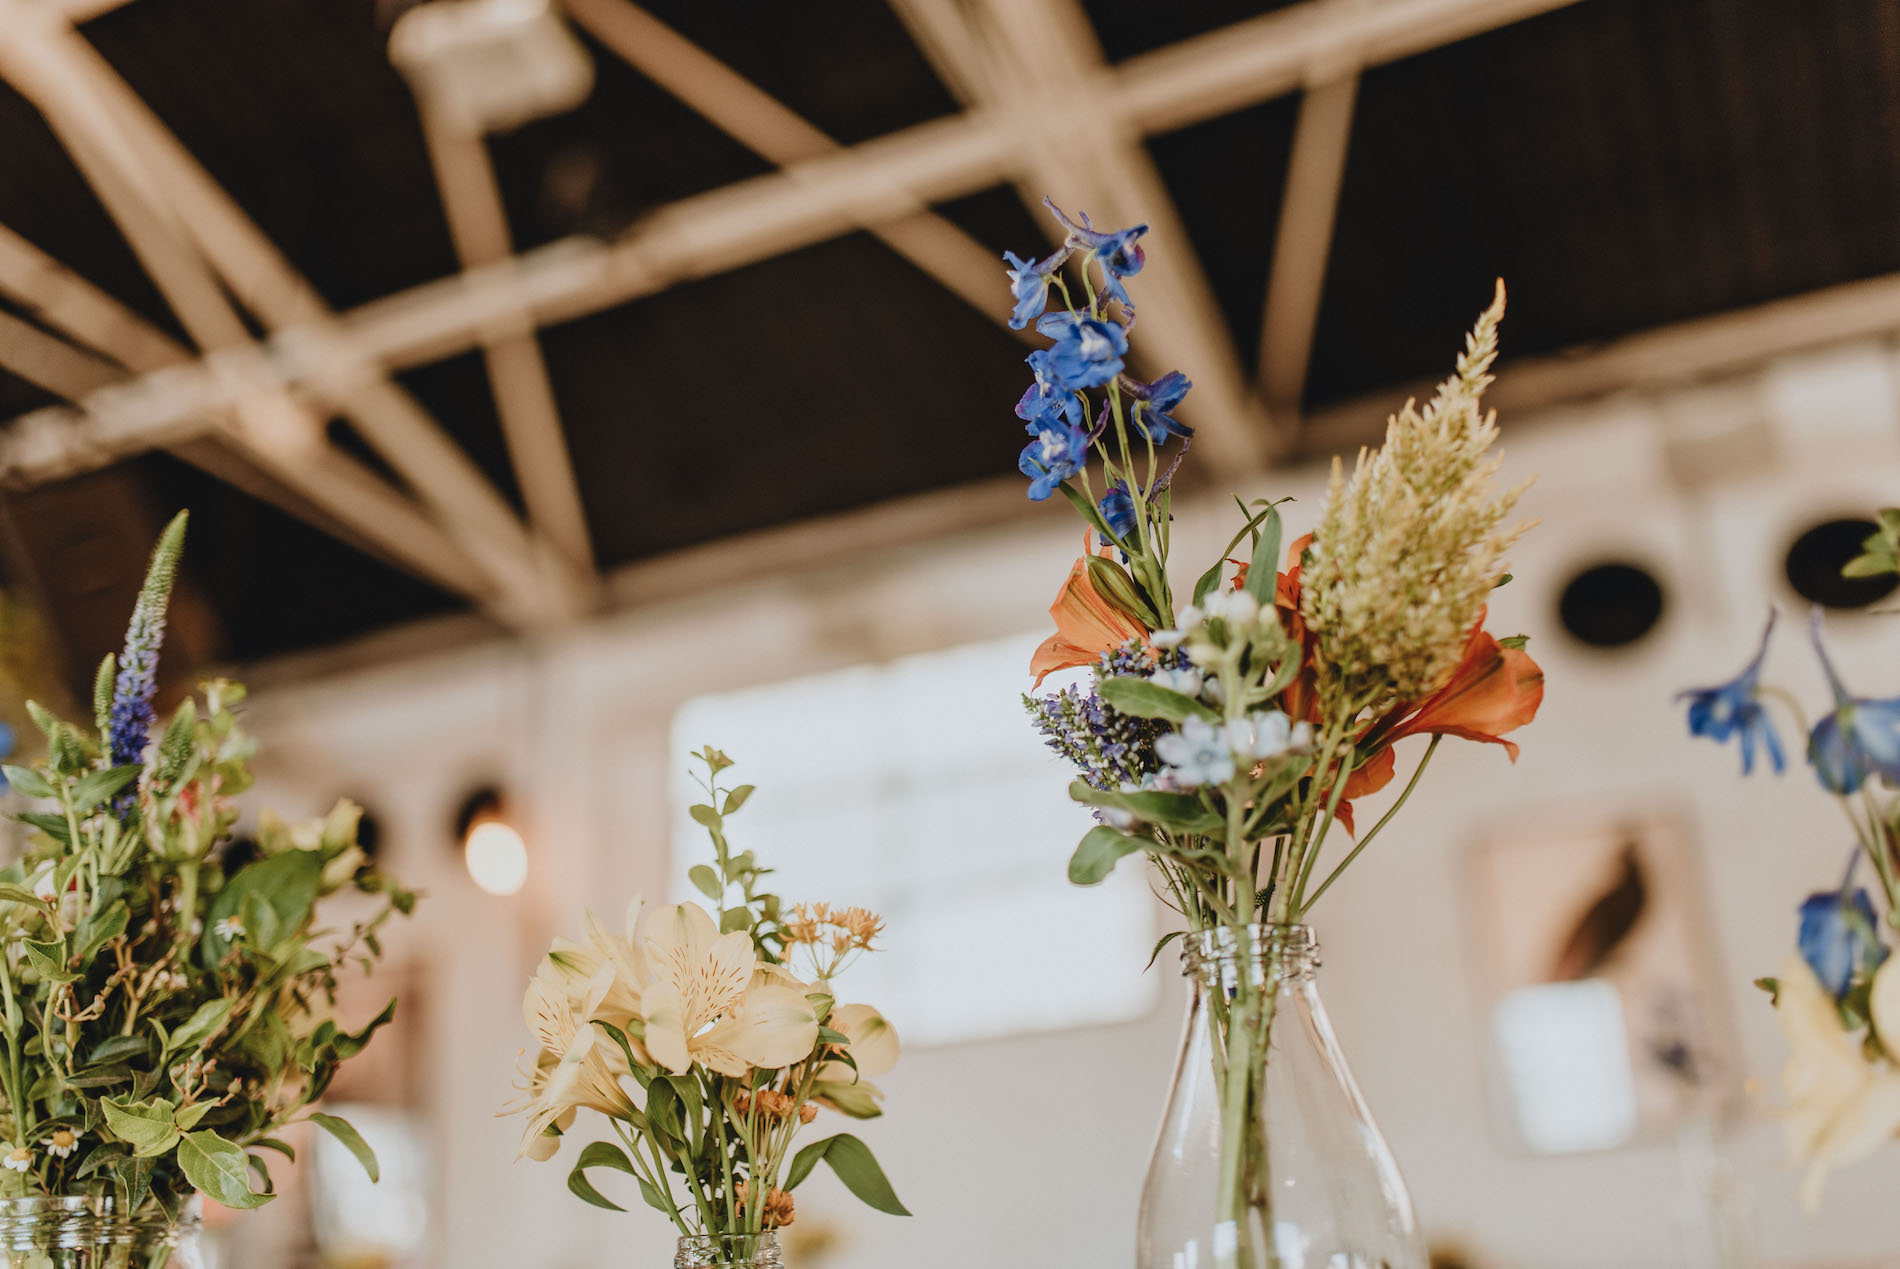 רוצה להיות איתה לנצח: החתונה האורבנית של נגה והדר